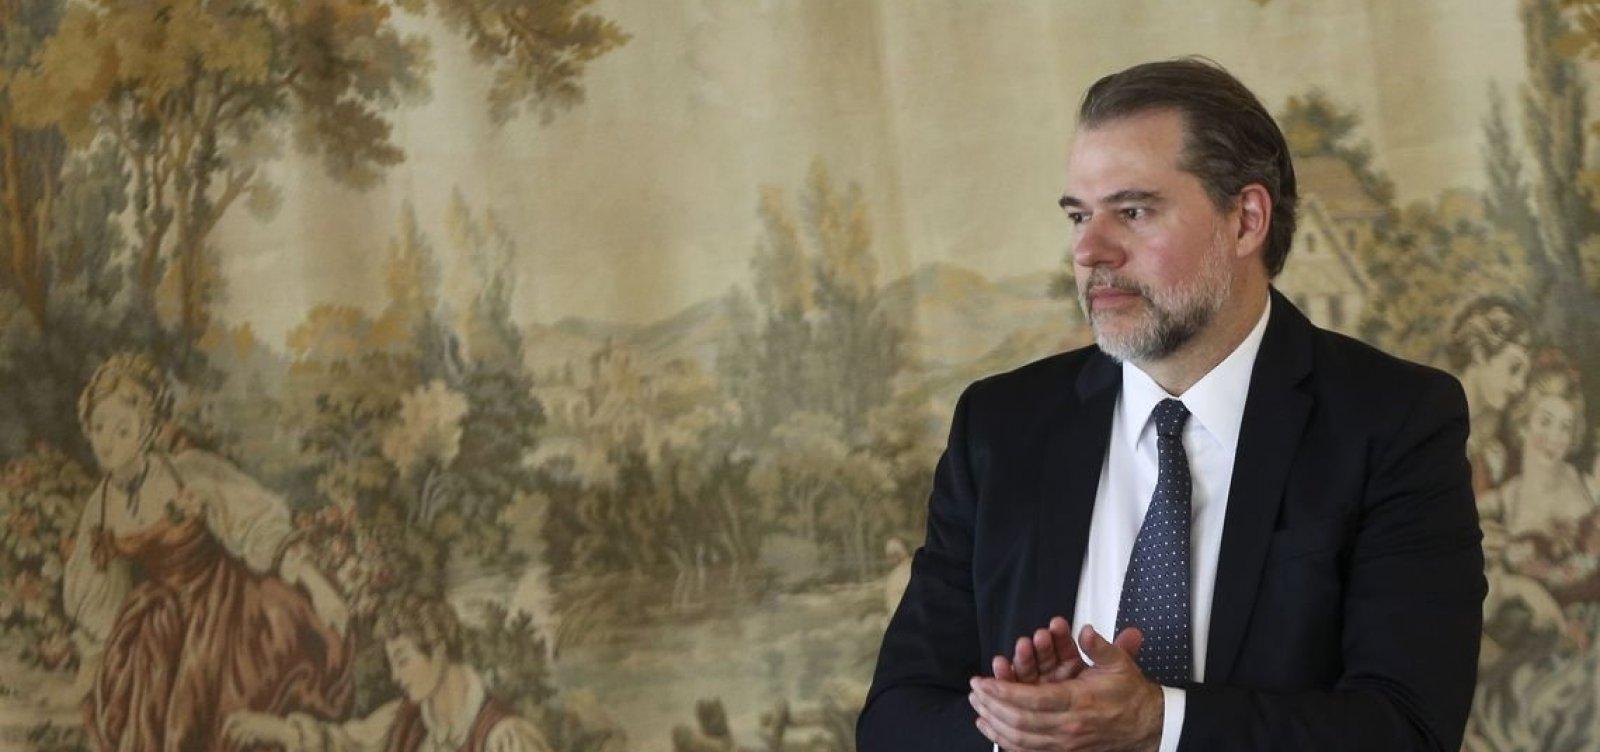 Toffoli retira da pauta do STF julgamento sobre prisões em 2ª instância